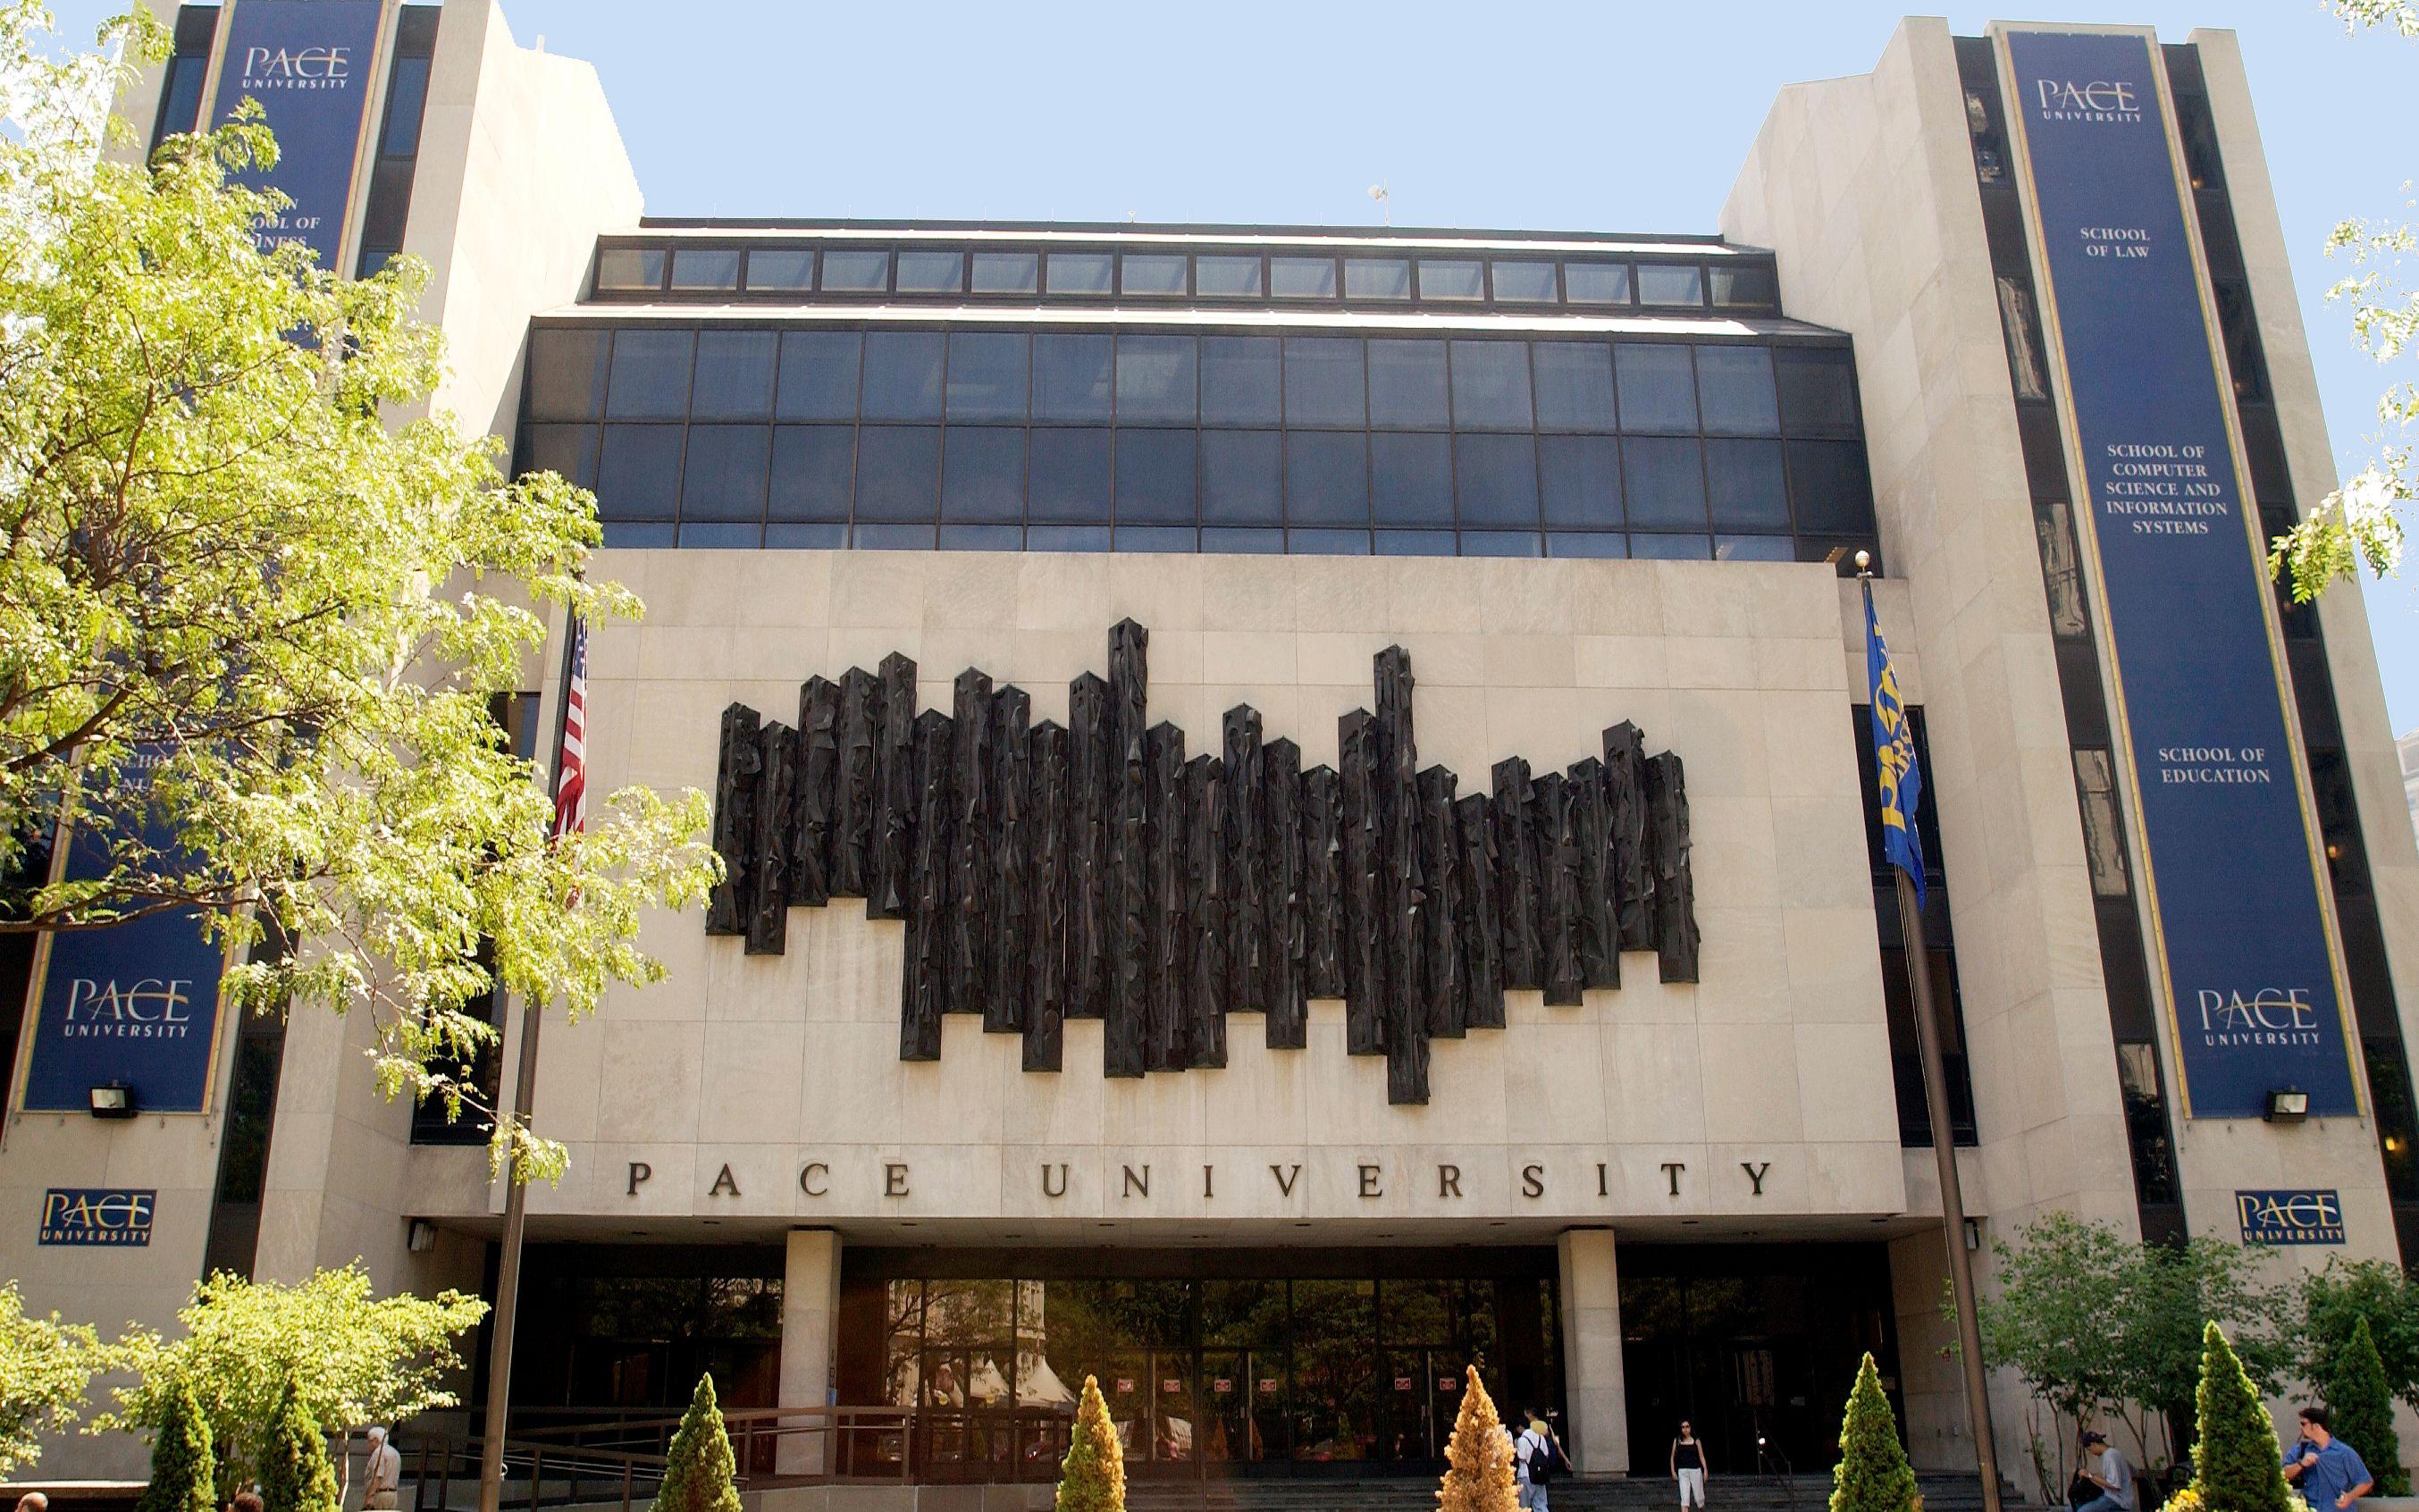 小居带你逛校园|pace university